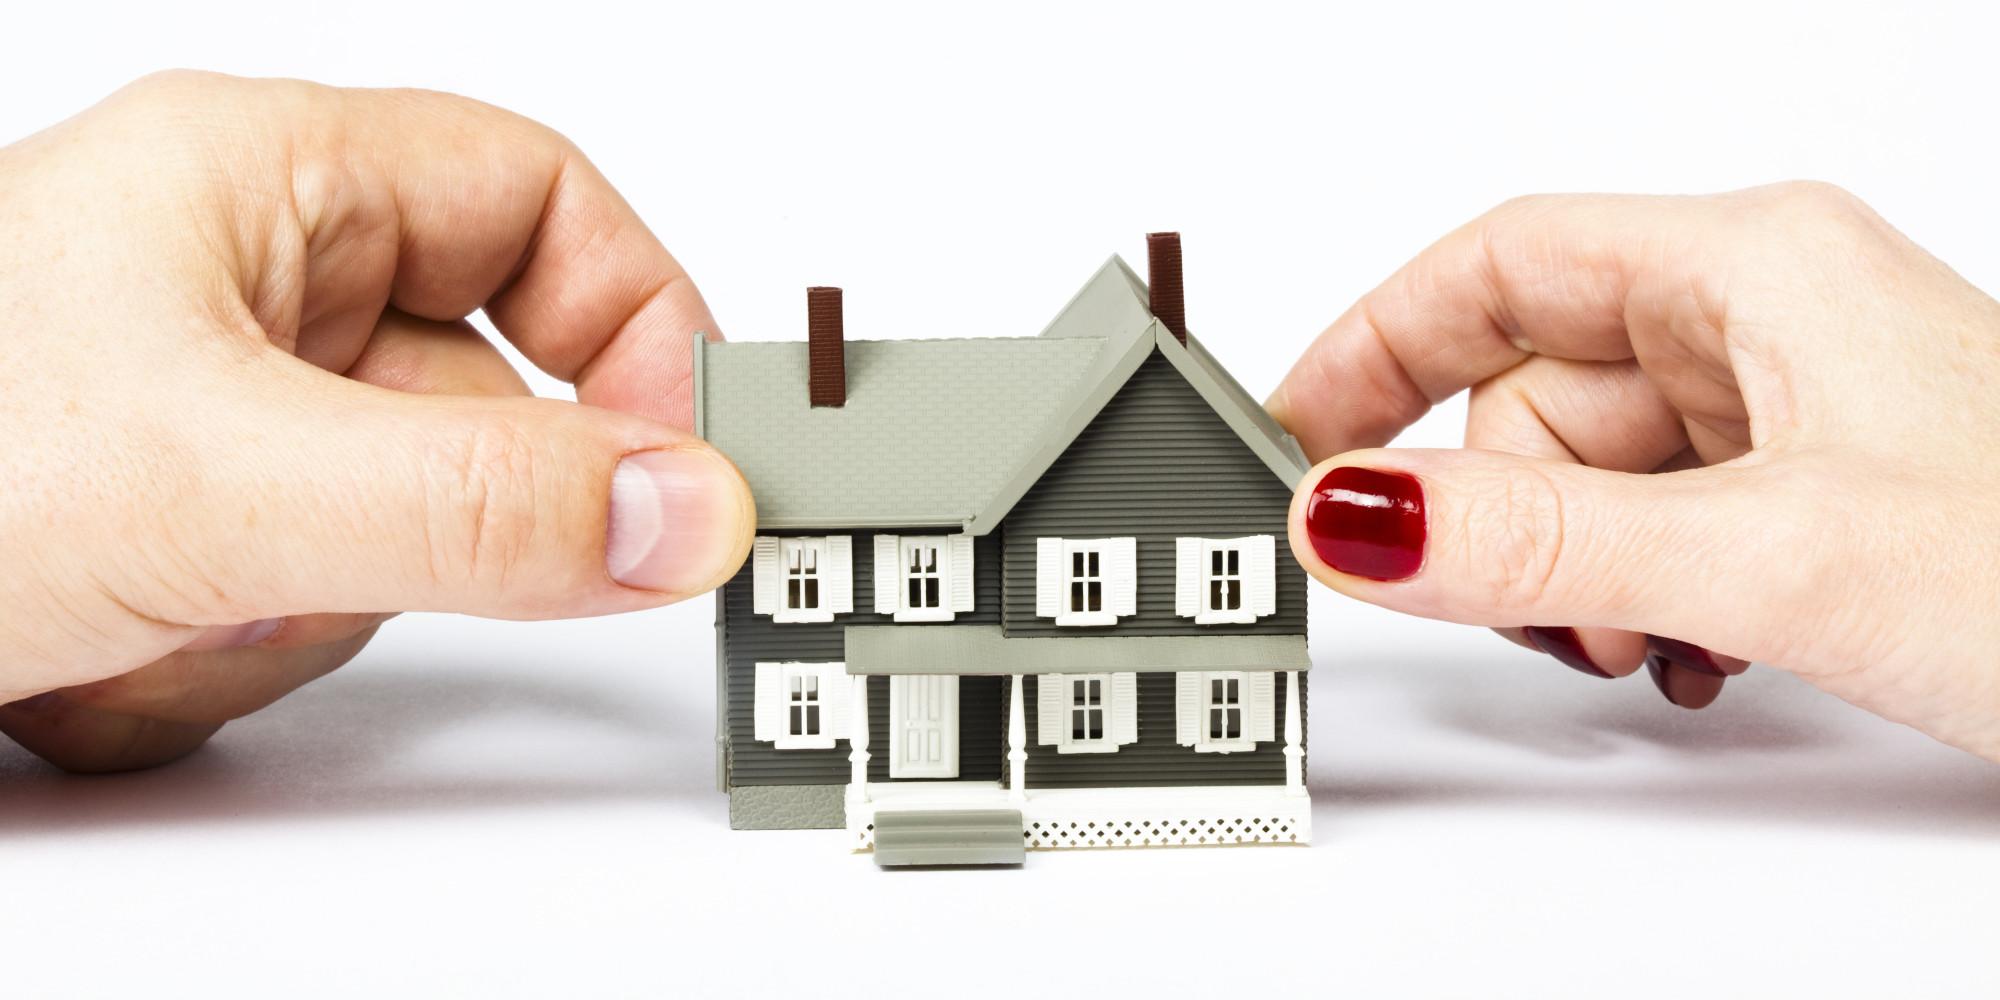 Руки и дом